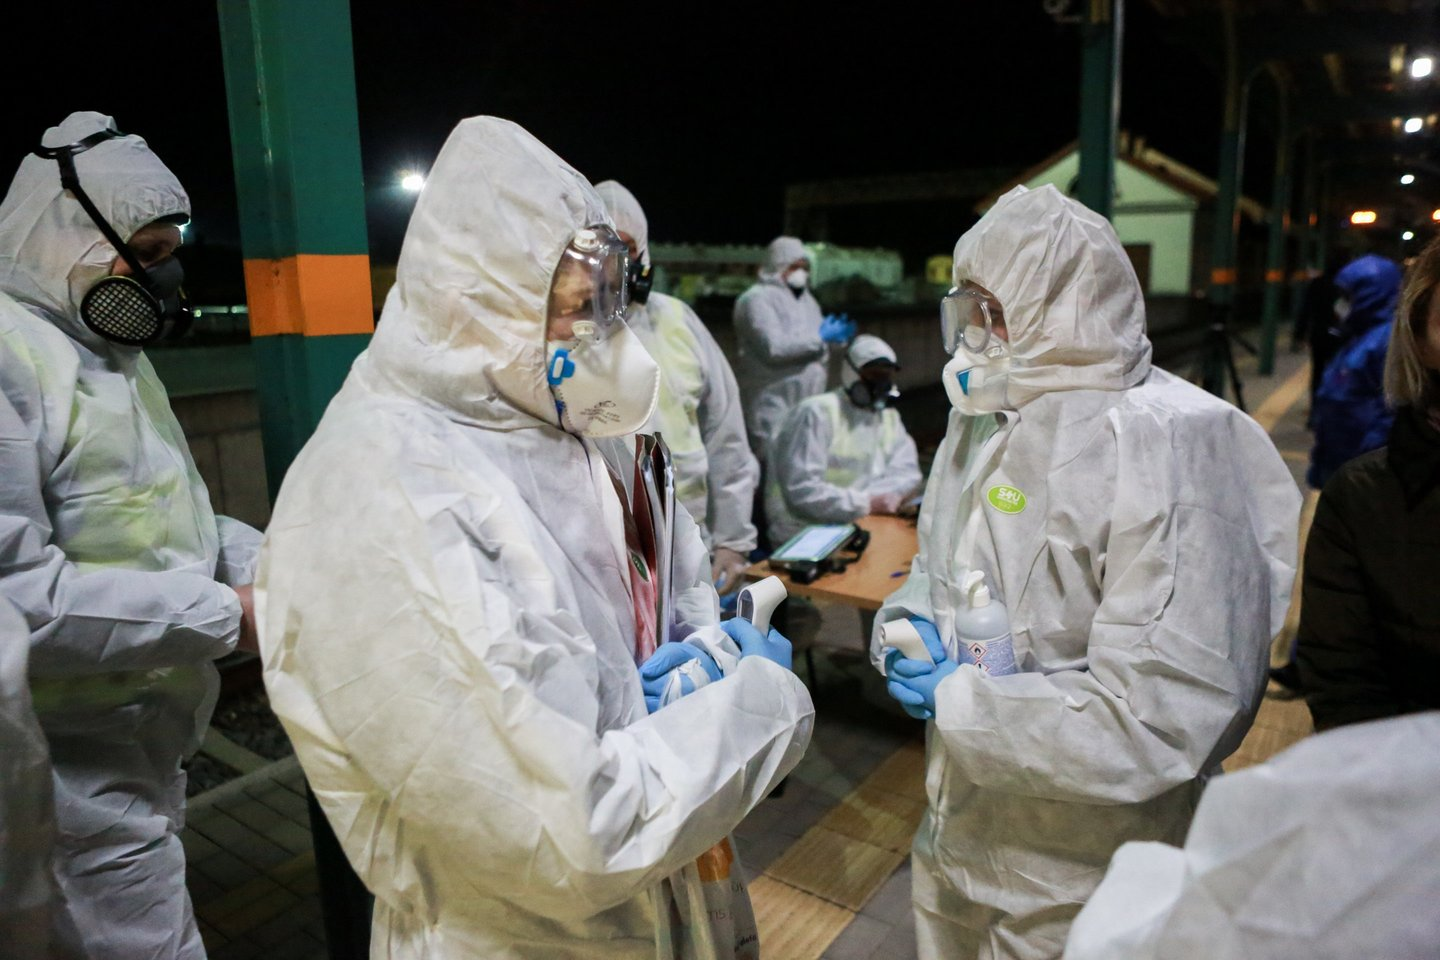 Lietuvos Statistikos departamento ketvirtadienio žiniomis, nuo pandemijos pradžios Lietuvoje COVID-19 užsikrėtė278 072 žmonės, naujasis koronavirusas pagrindine mirties priežastimi tapo4 352 asmenims.<br>G.Bitvinsko nuotr.